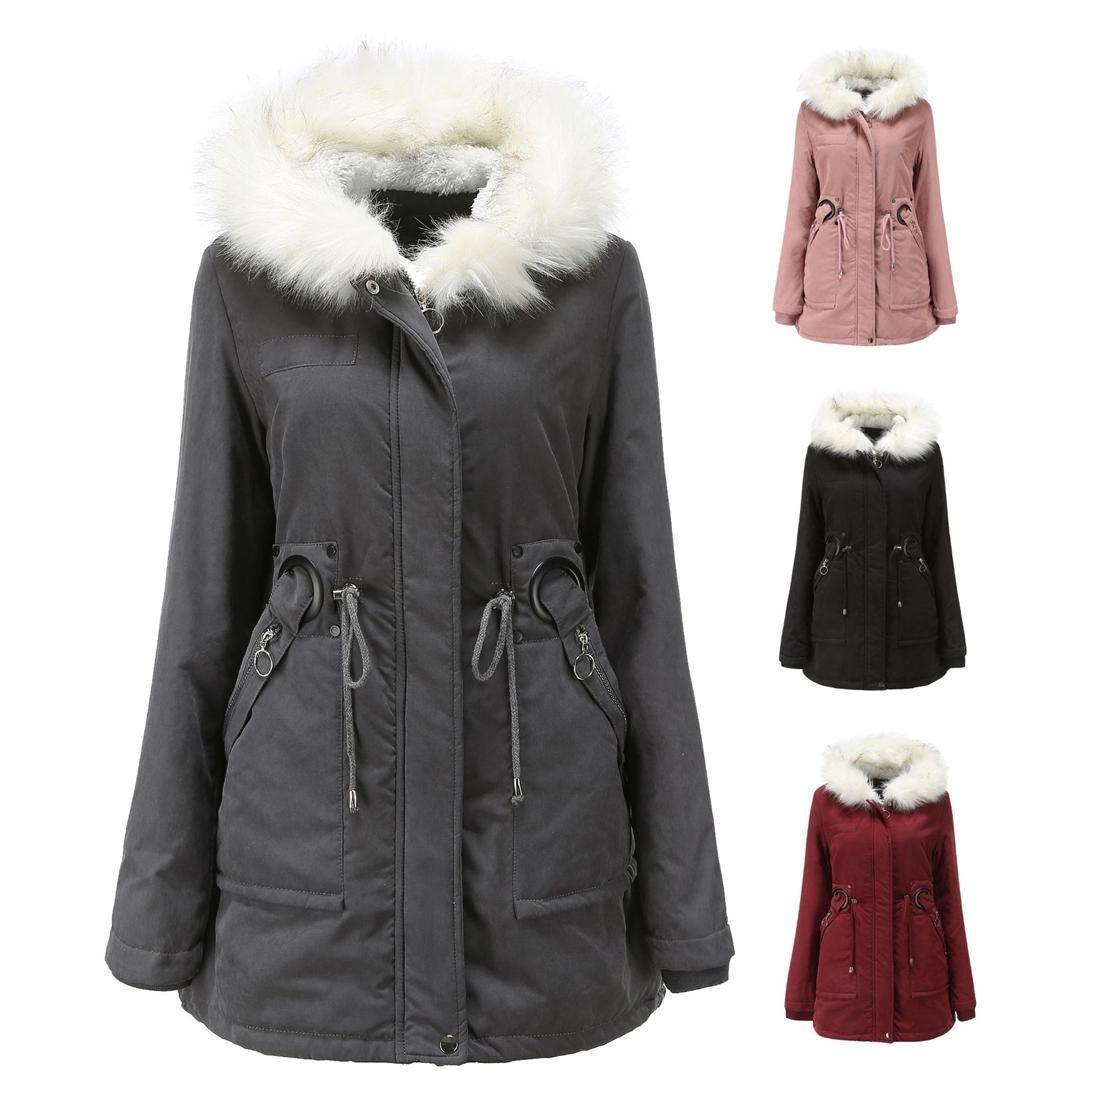 mujeres chaqueta de algodón acolchado larga con capucha cuello de piel blanca invierno cálido y abrigo de terciopelo de las mujeres